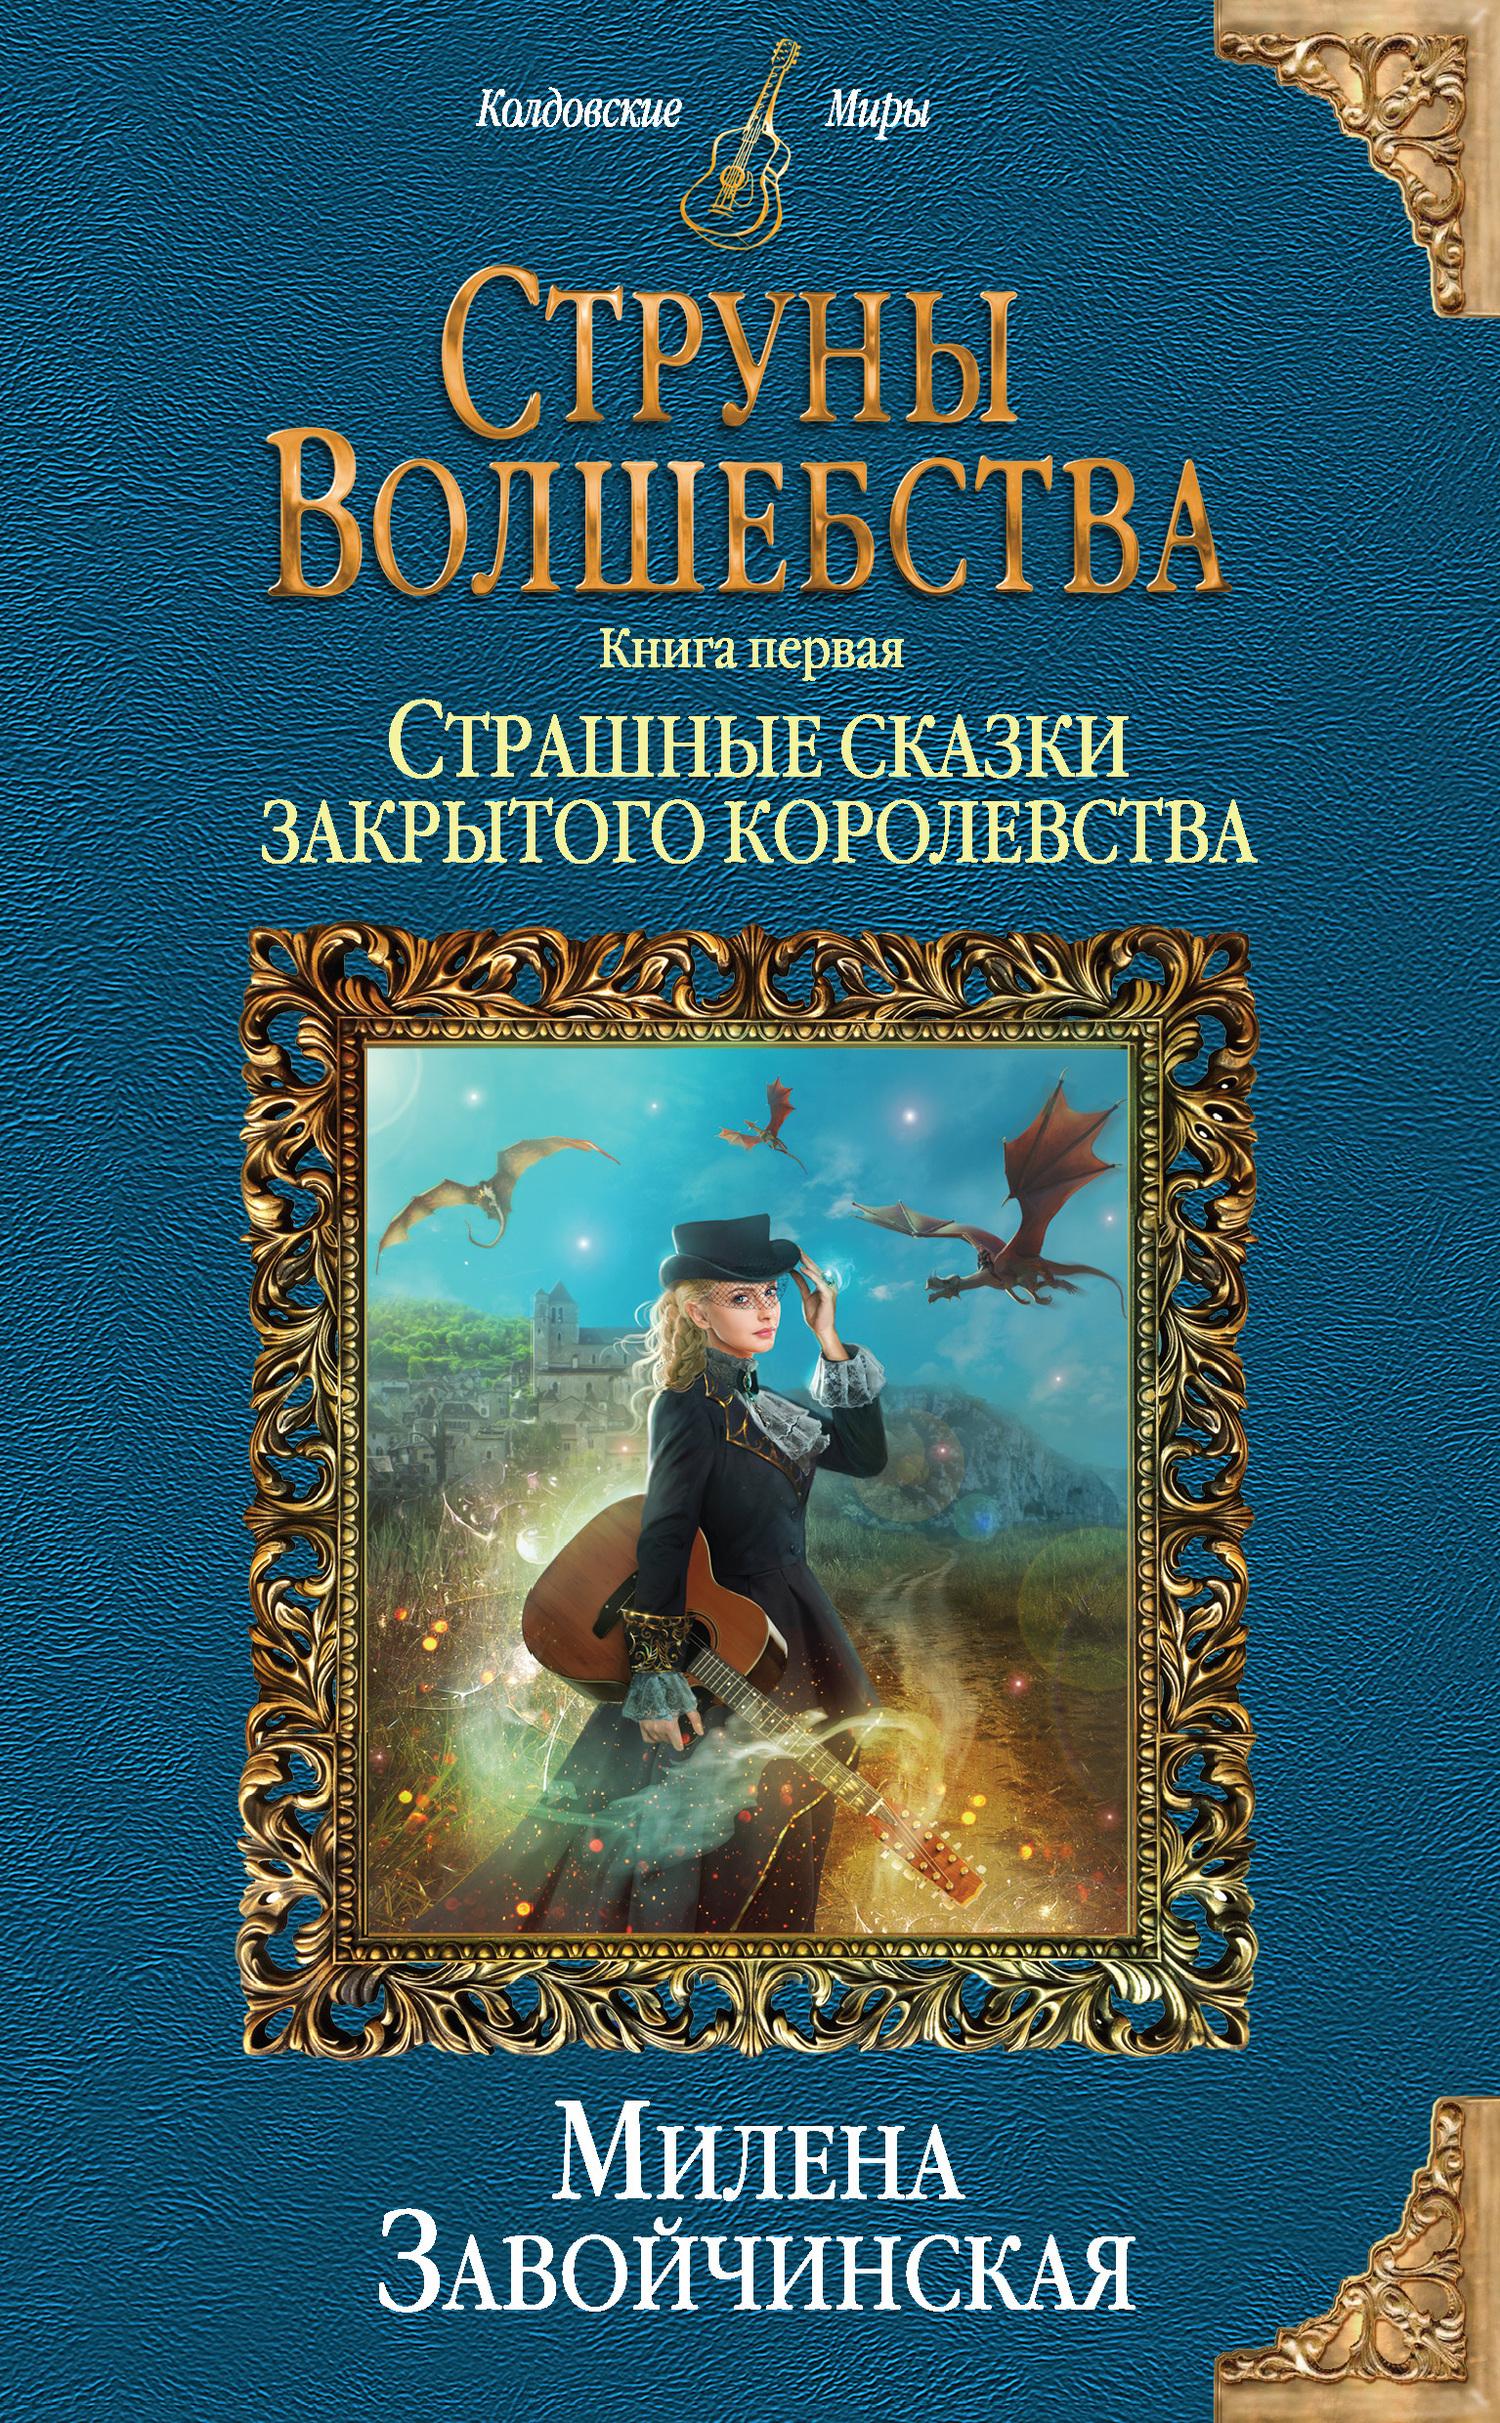 Струны волшебства. Книга первая. Страшные сказки закрытого королевства